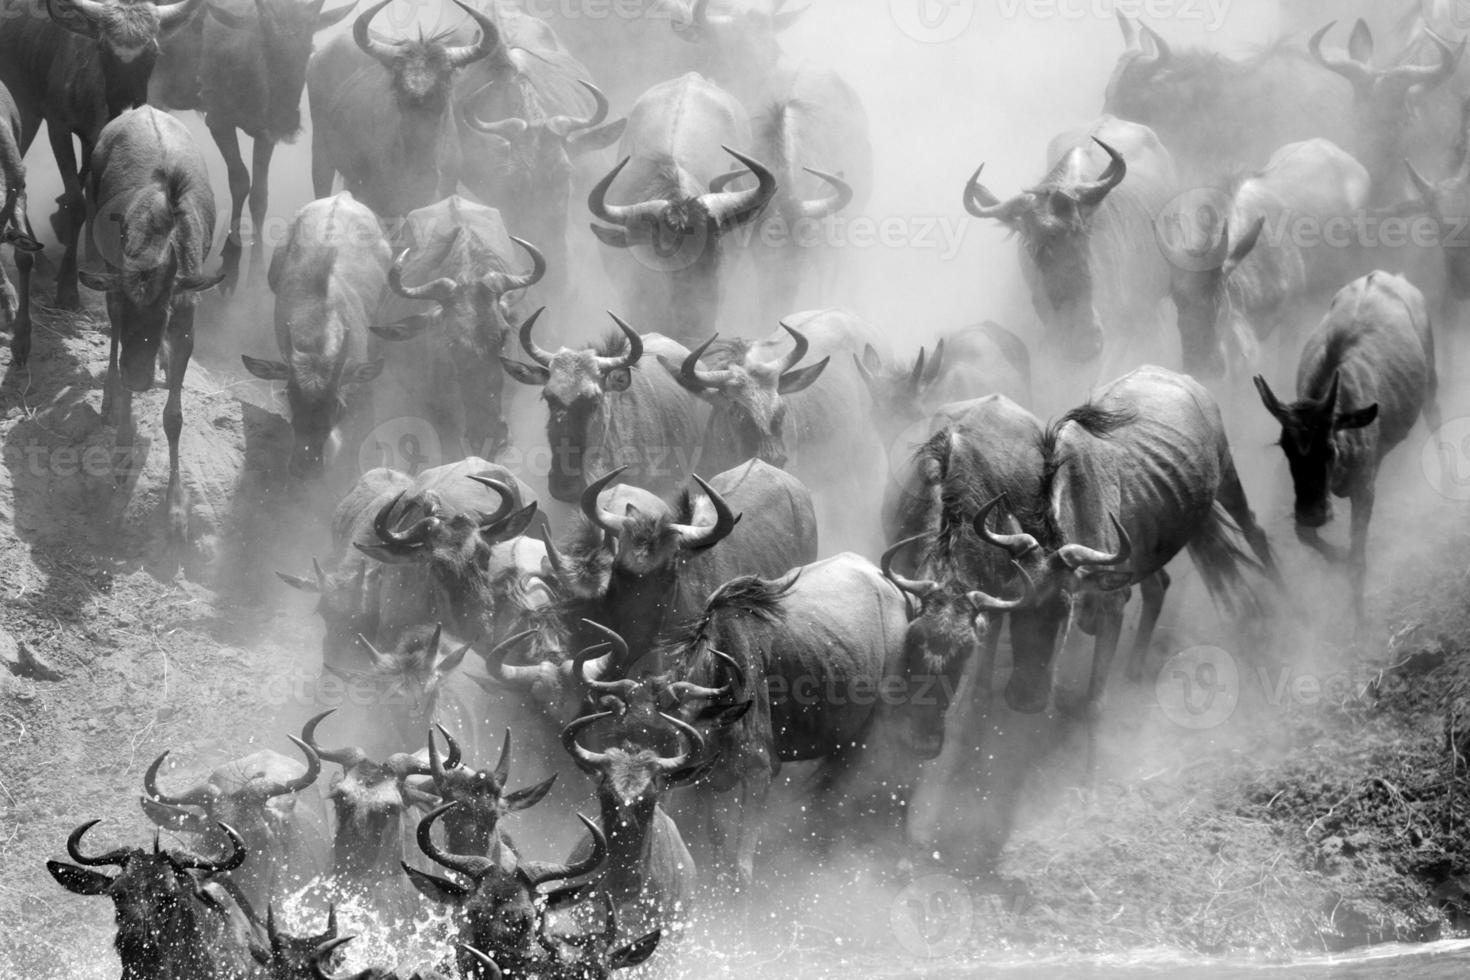 travessia do rio GNU durante a migração de 2010, serengeti foto